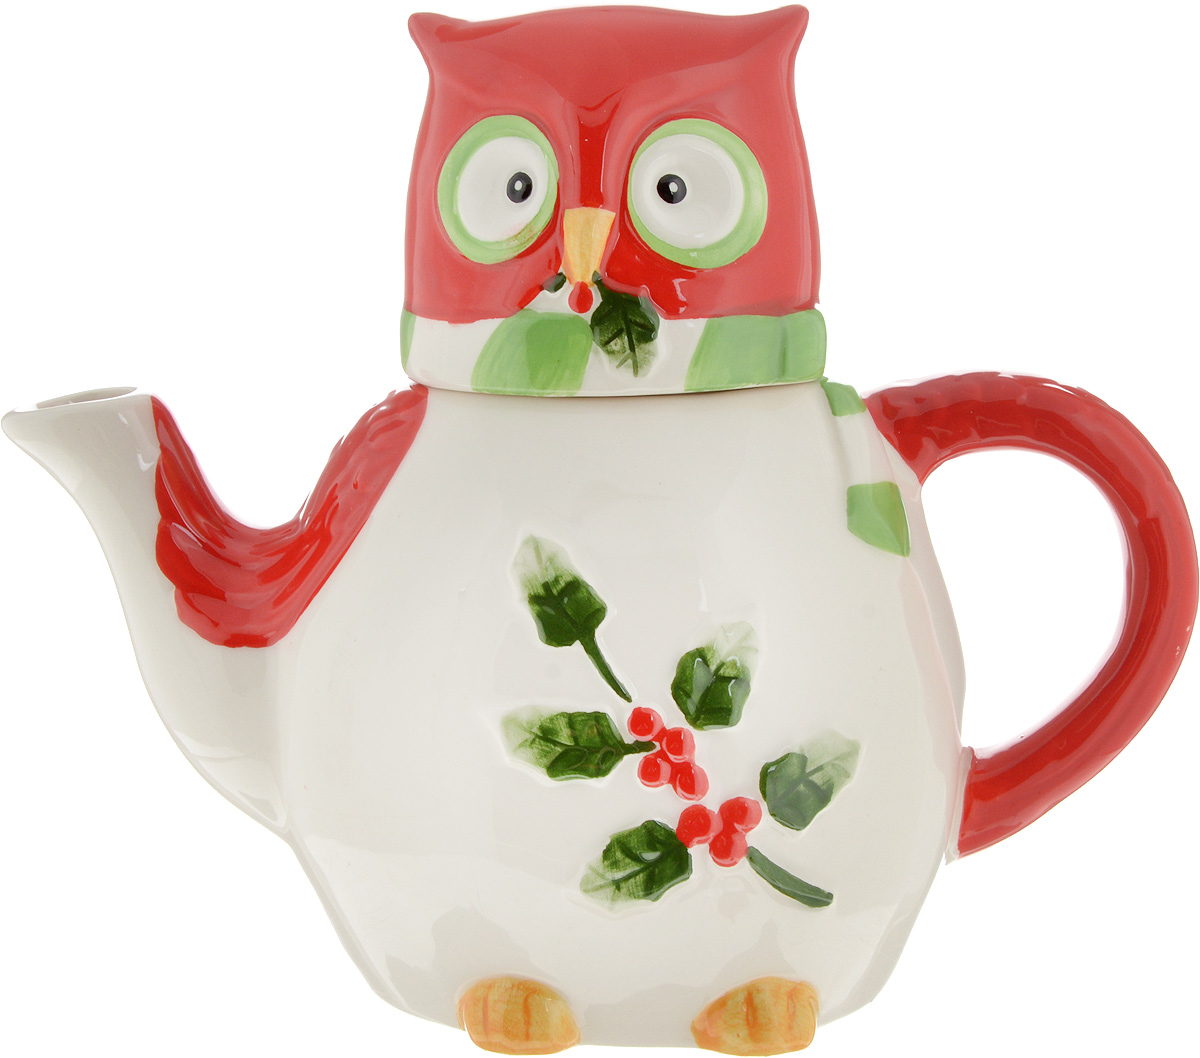 Чайник заварочный House & Holder Сова, цвет: белый, красный, 610 мл2800133Заварочный чайник House & Holder Сова выполнен извысококачественной керамики и покрыт сверкающей глазурью.Изделие оформлено ярким рисунком и оснащено крышкой.Заварочный чайник House & Holder Сова придется повкусу и ценителям классики, и тем, кто предпочитаетутонченность и изысканность. Диаметр (по верхнему краю): 6 см.Высота чайника (без учета крышки): 10,5 см. Высота чайника (с учетом крышки): 17 см.